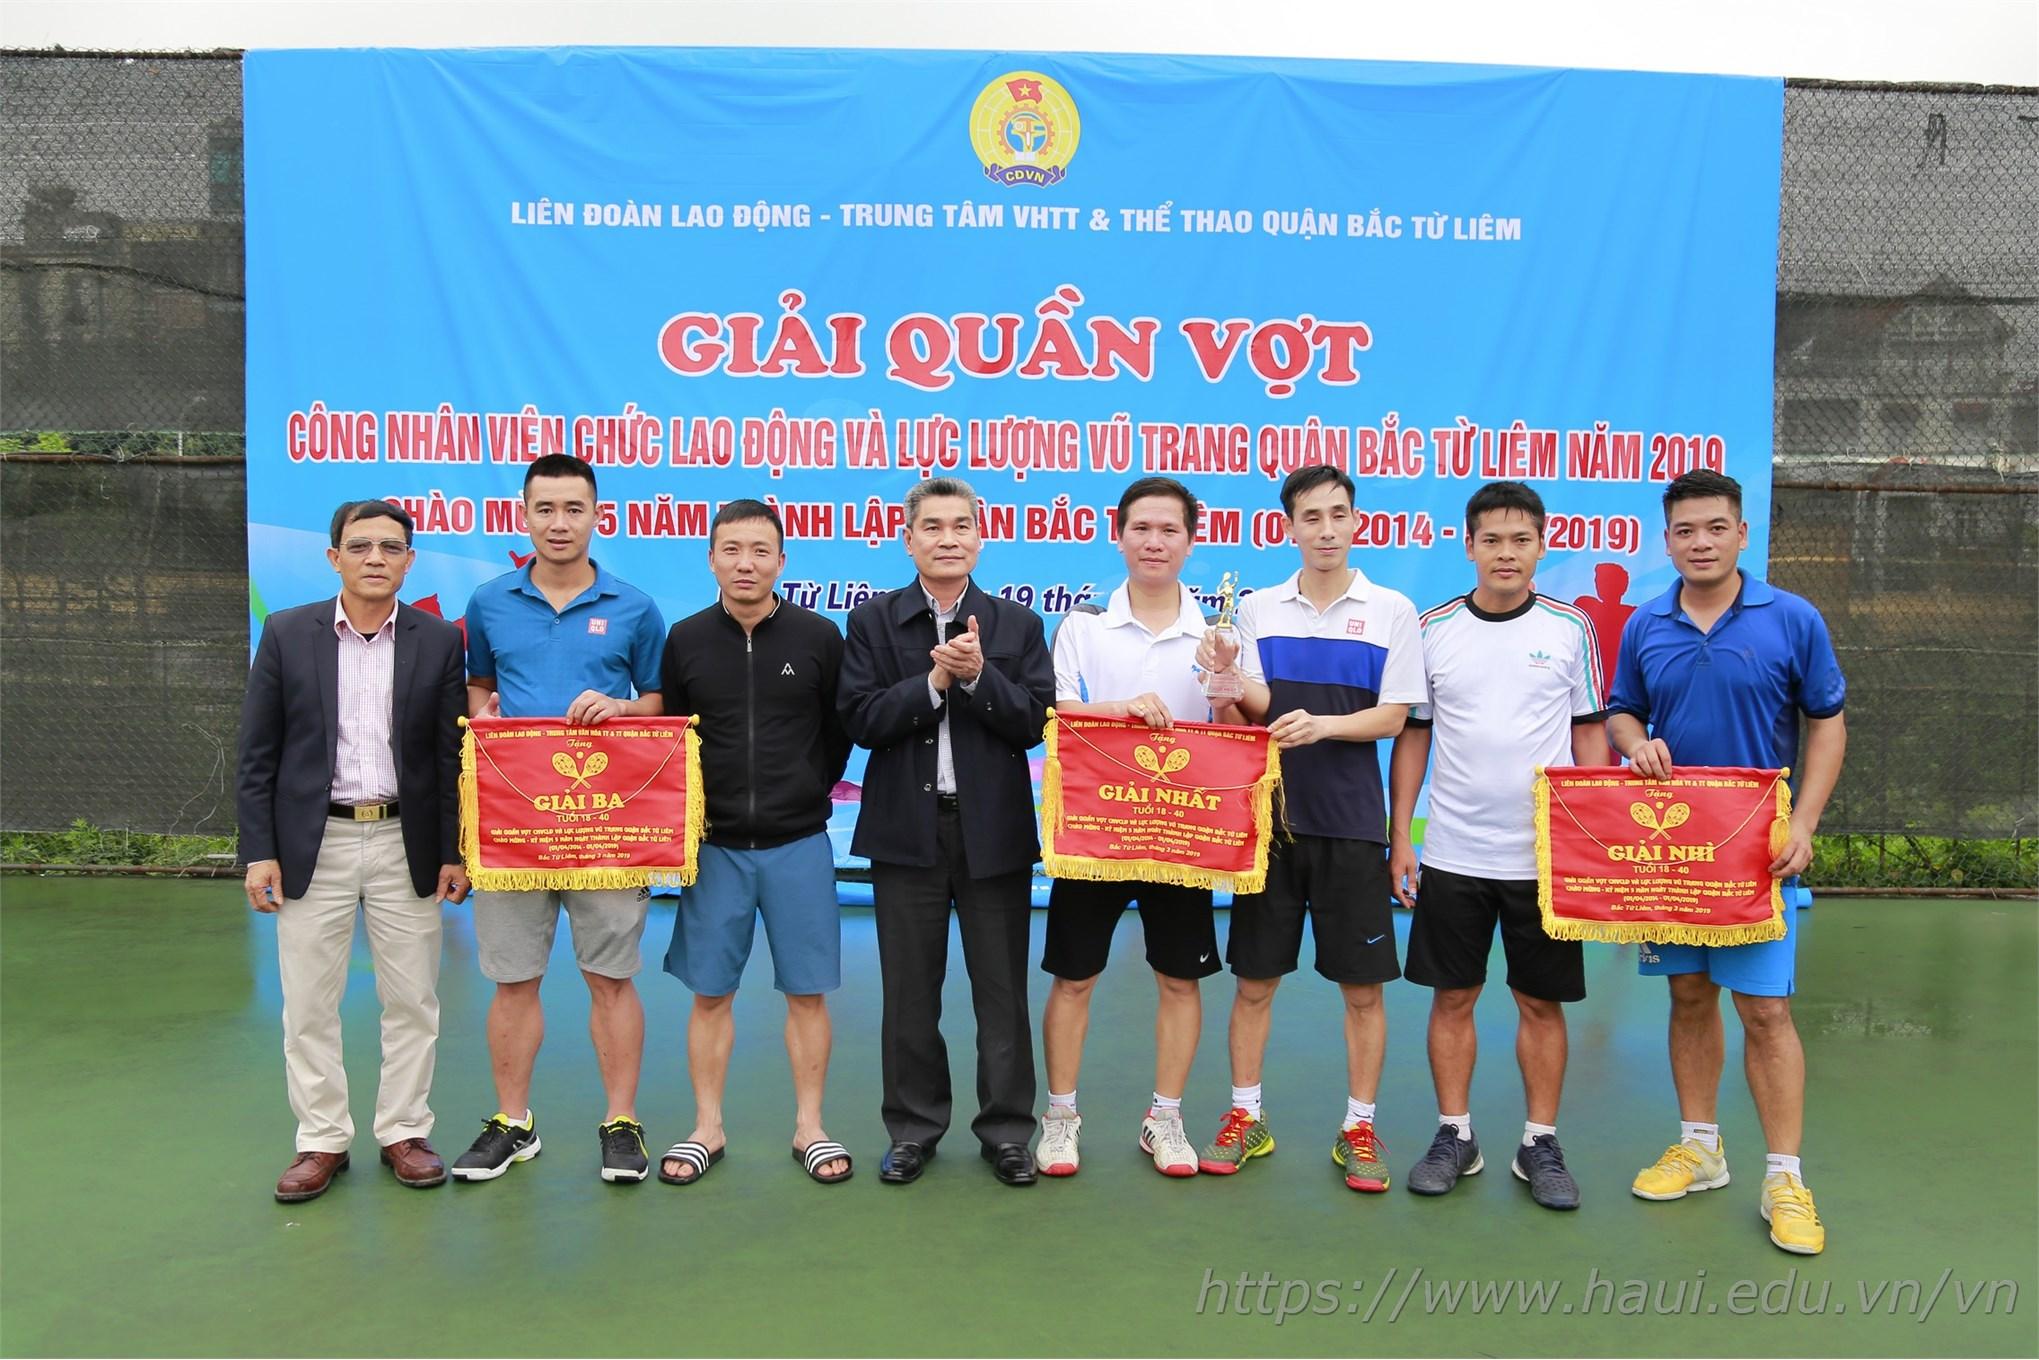 Giải quần vợt công nhân viên chức, người lao động và LLVT quận Bắc Từ Liêm năm 2019